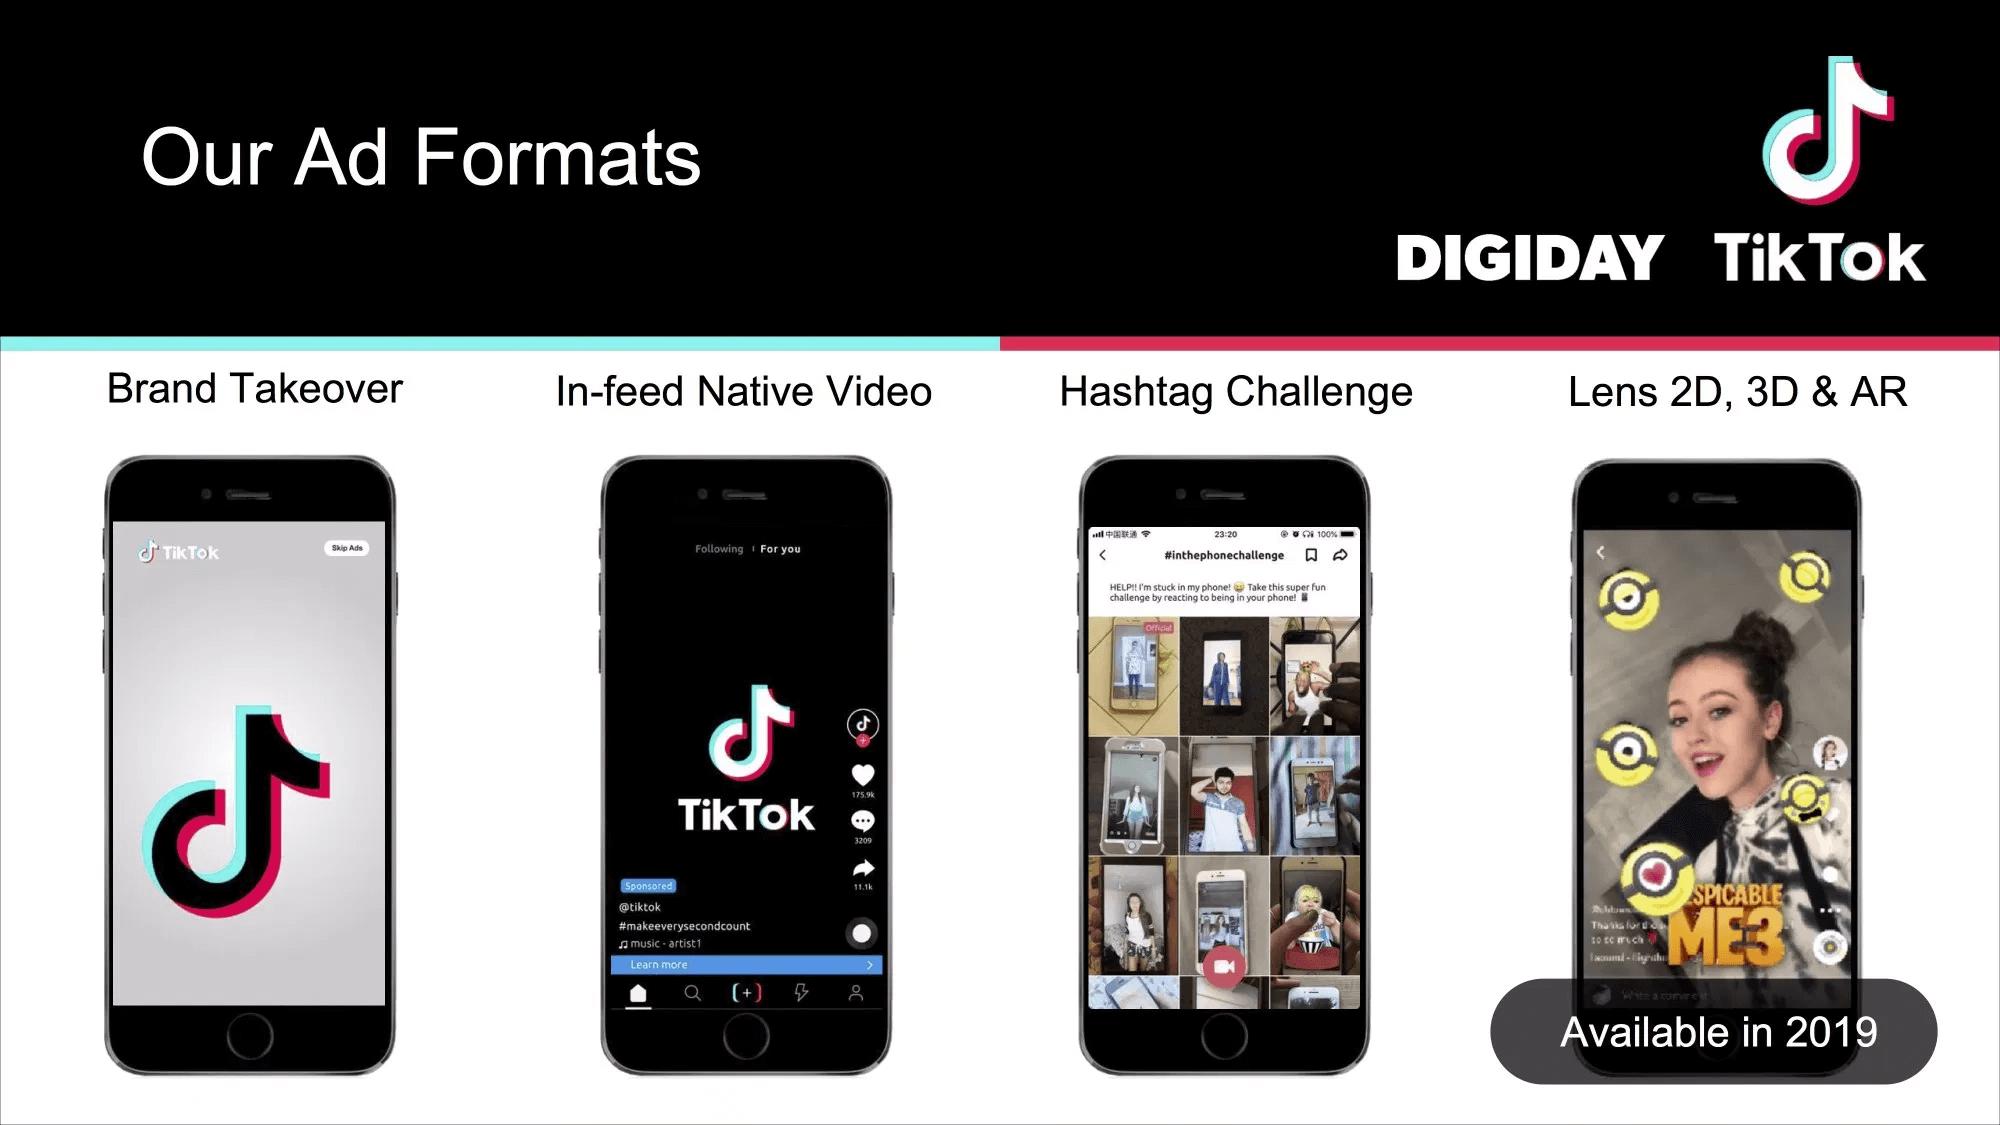 TikTok ad formats